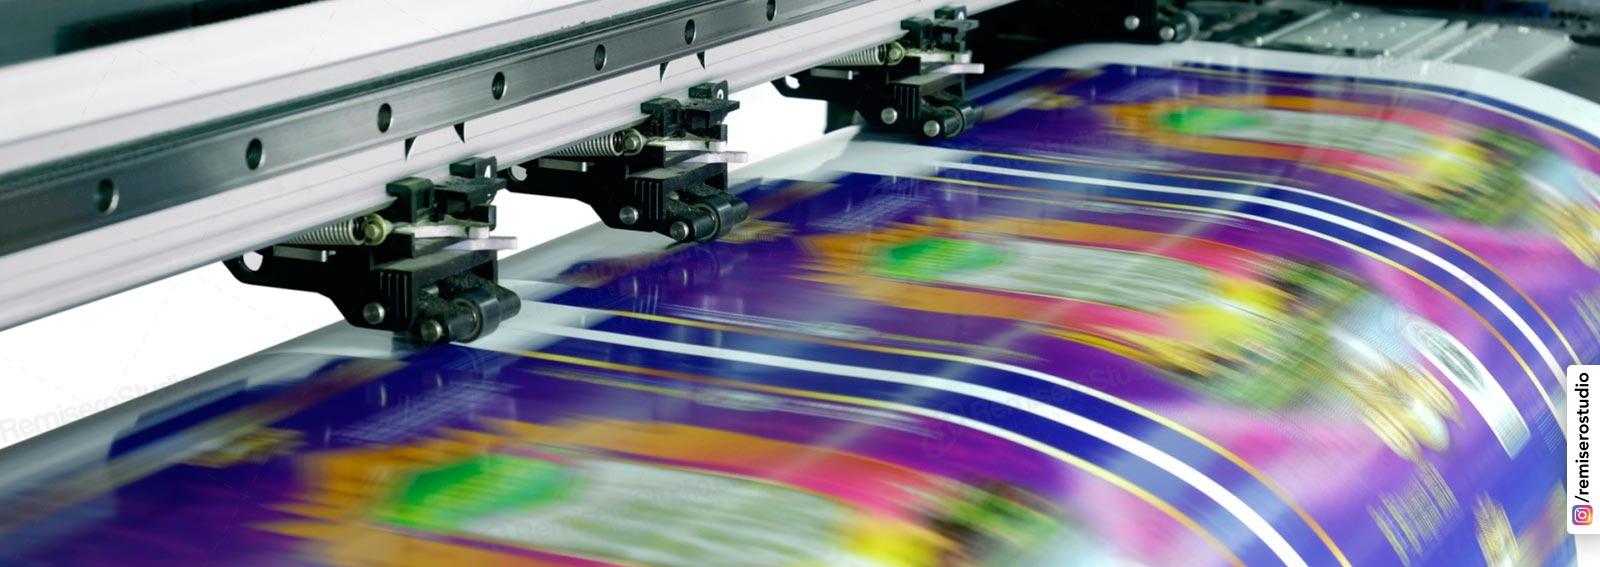 Impresión de Gigantografias en gran formato base ecosolvente